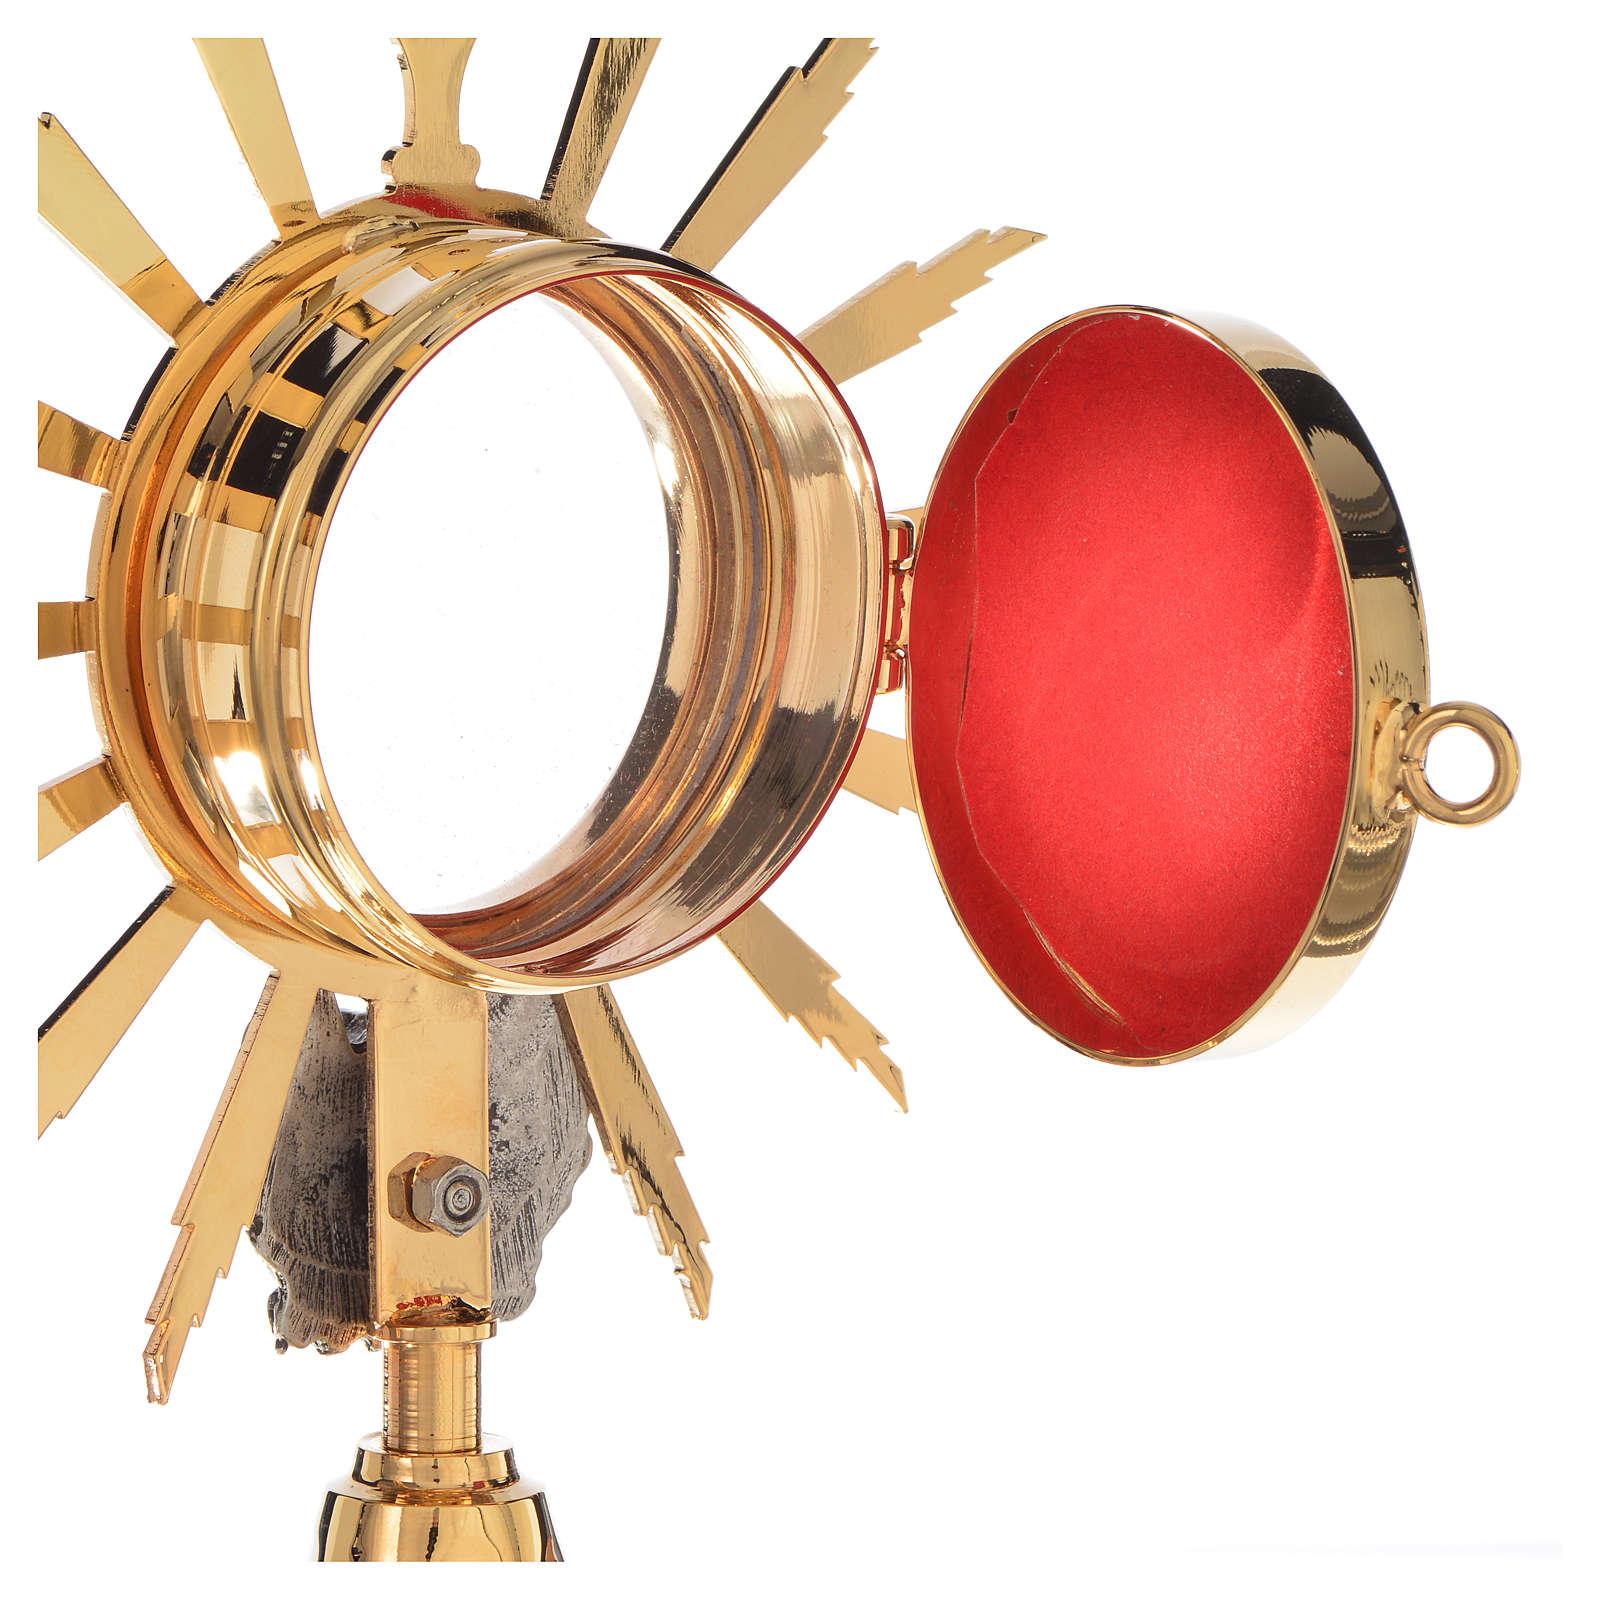 Reliquiario in ottone dorato con putto h 21 cm 4